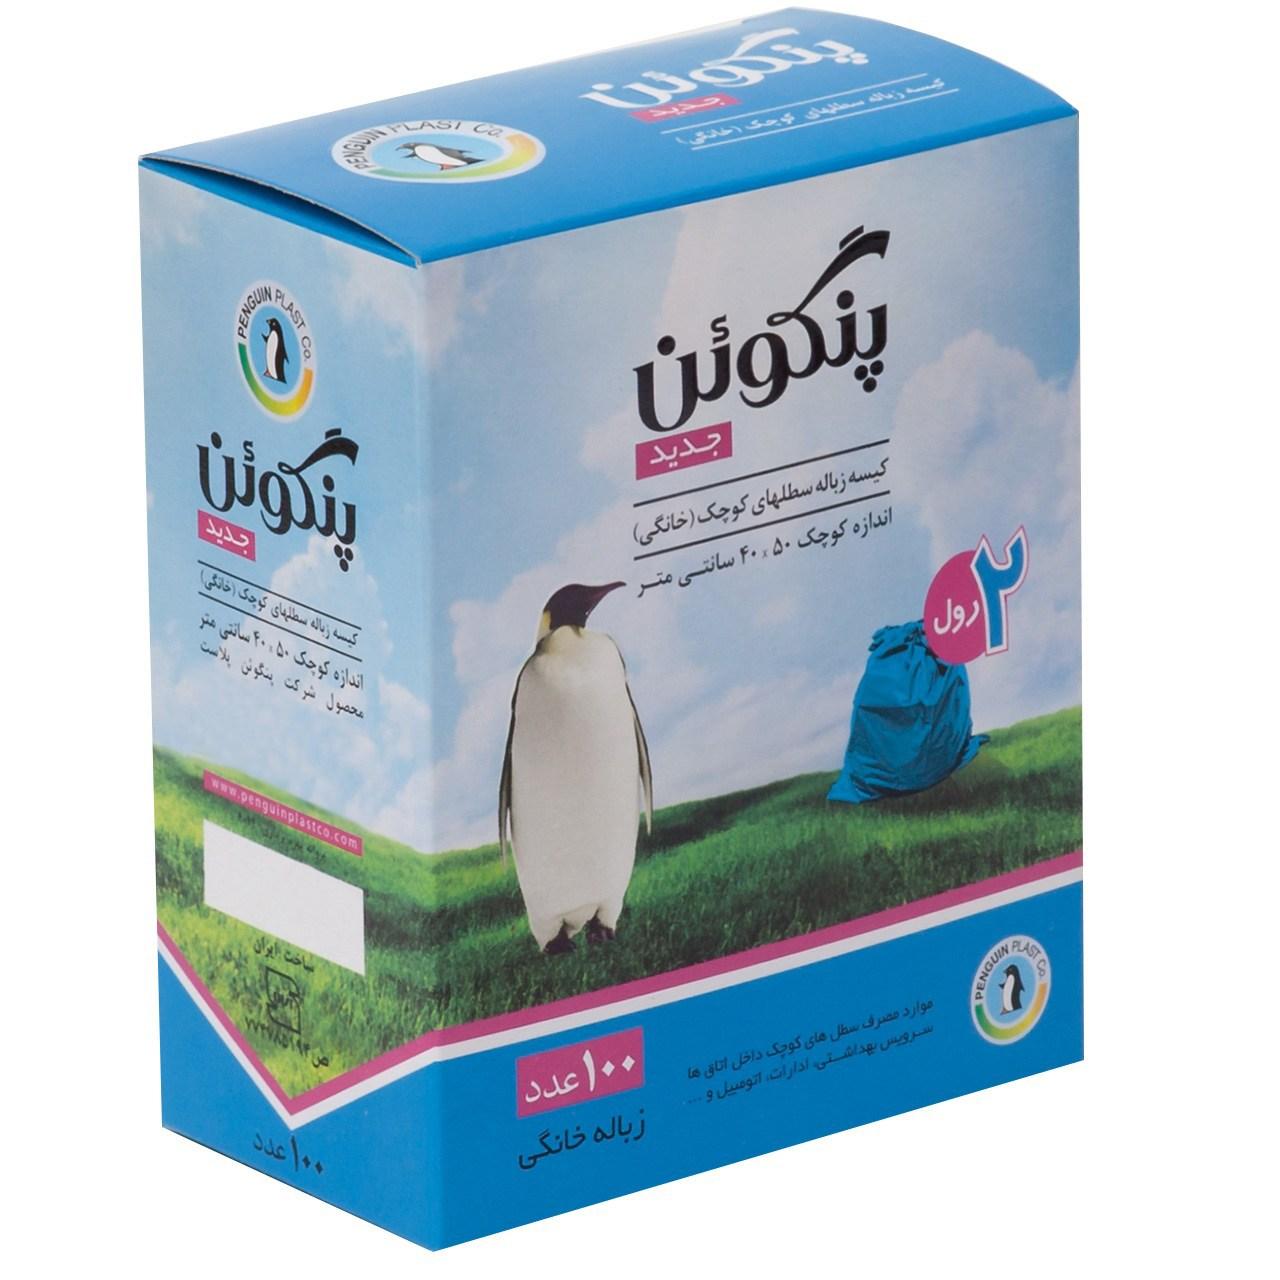 عکس کیسه زباله پنگوئن رول 100 عددی